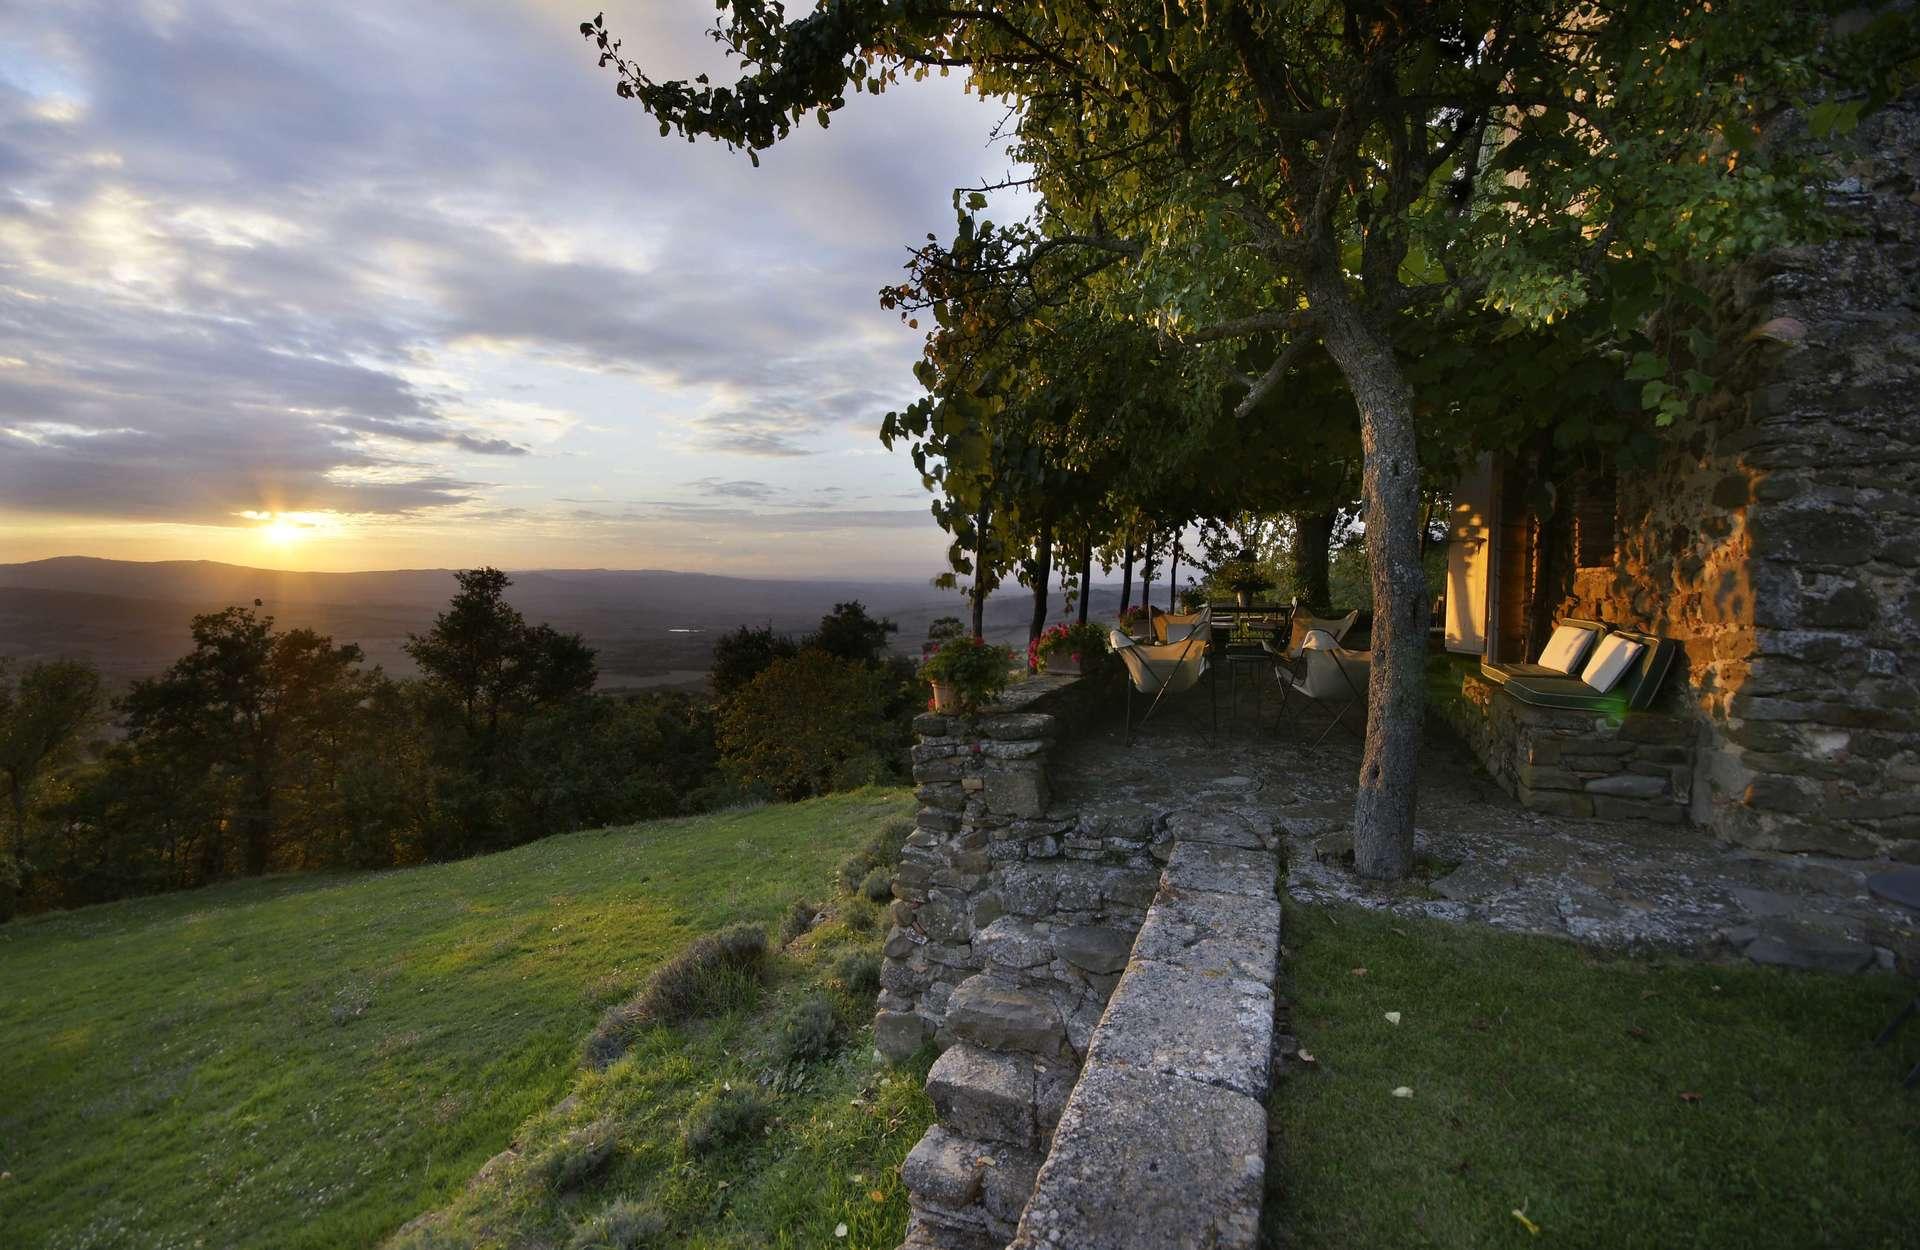 Luxury vacation rentals europe - Italy - Tuscany - Siena - Villa Zaffirano - Image 1/17